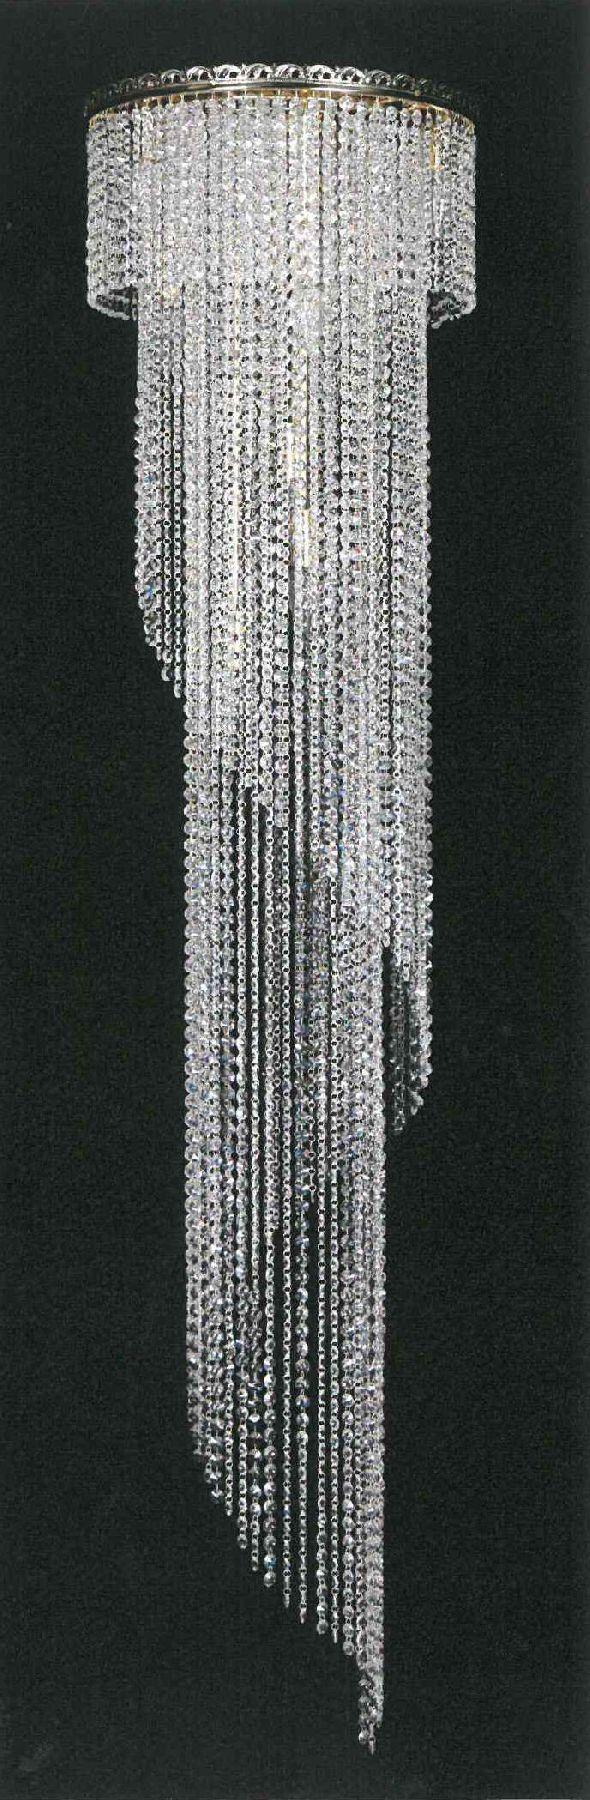 Nowoczesna lampa kryształowa Spitala - z kryształkami Swarovskiego